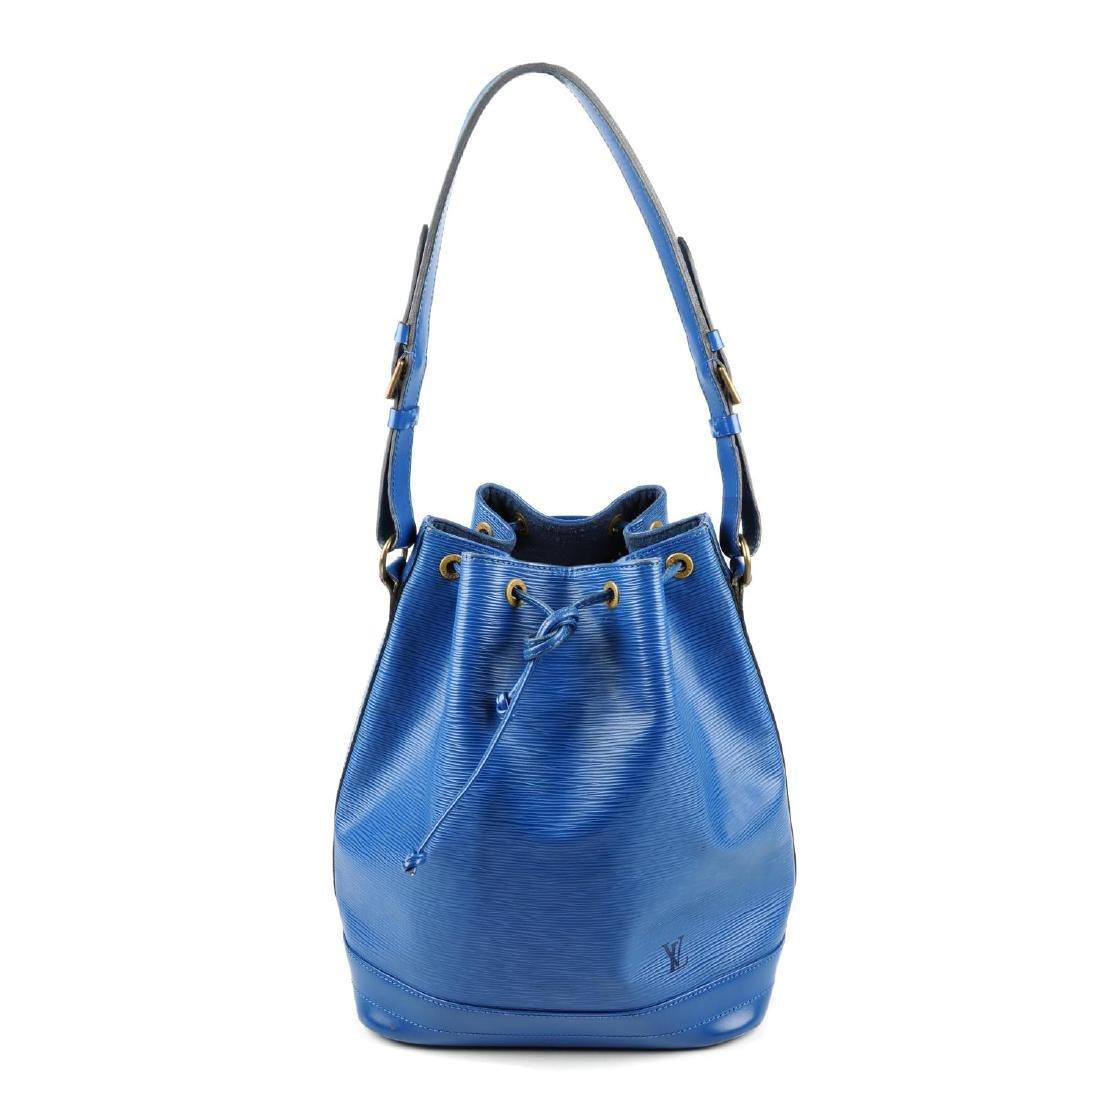 LOUIS VUITTON - a blue Epi Noe GM bucket handbag.